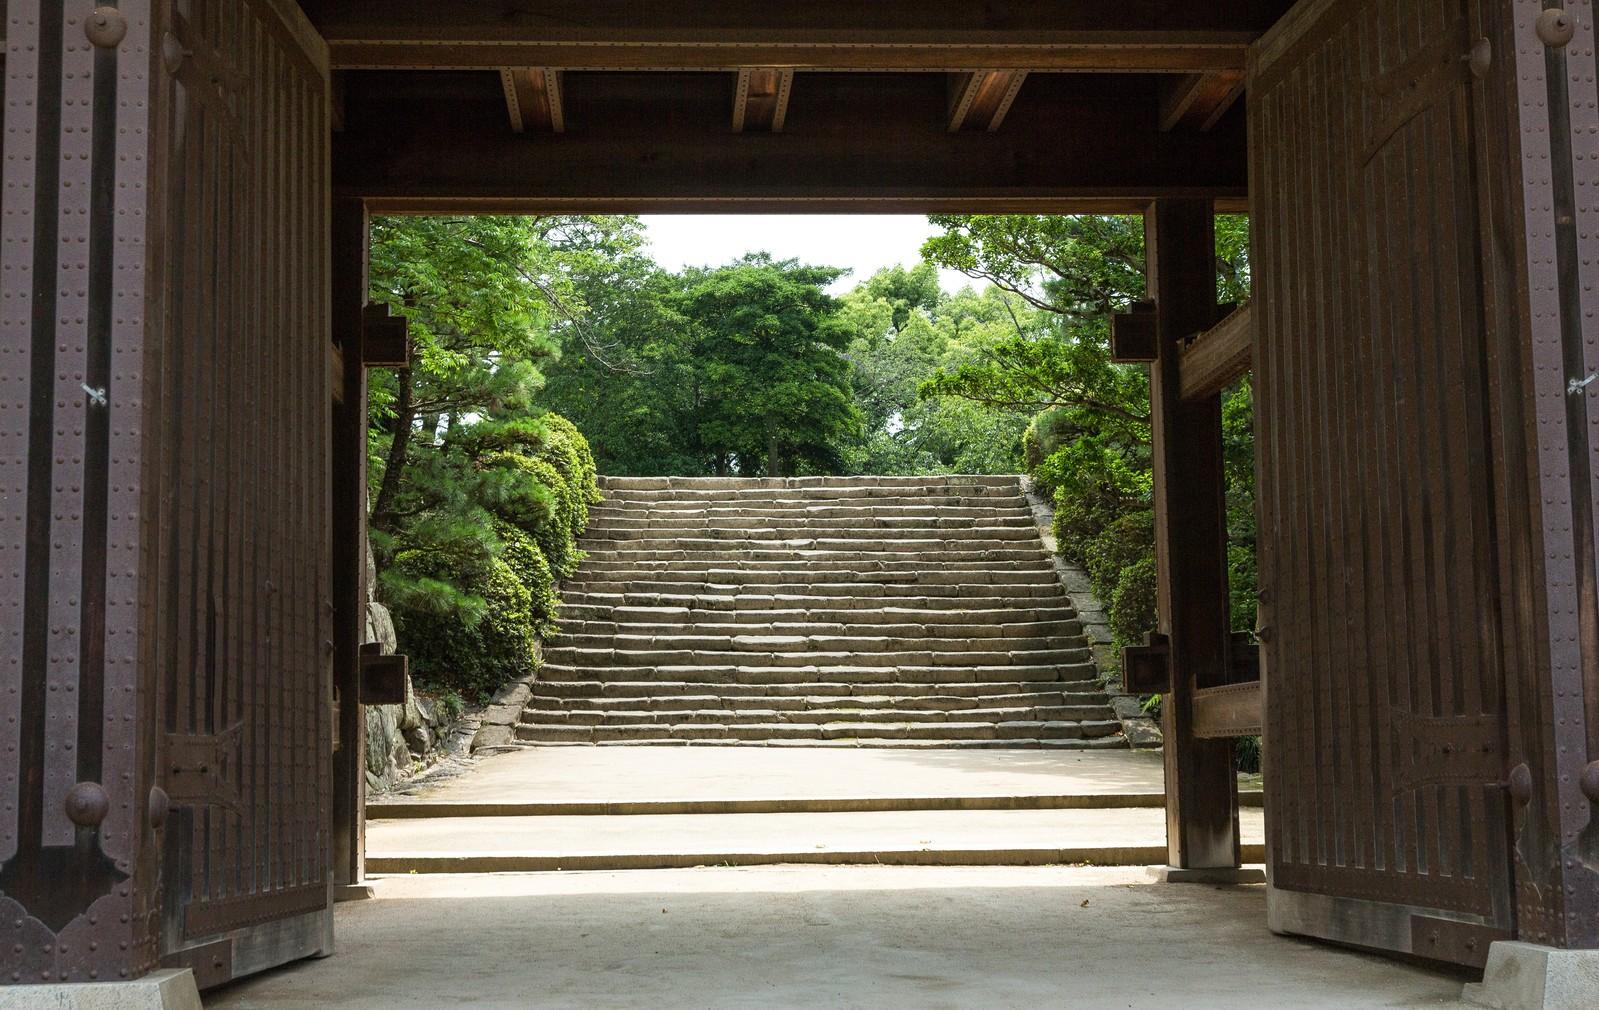 京都府福知山市:「福知山城」の新しいパンフレットが完成!!(^^)